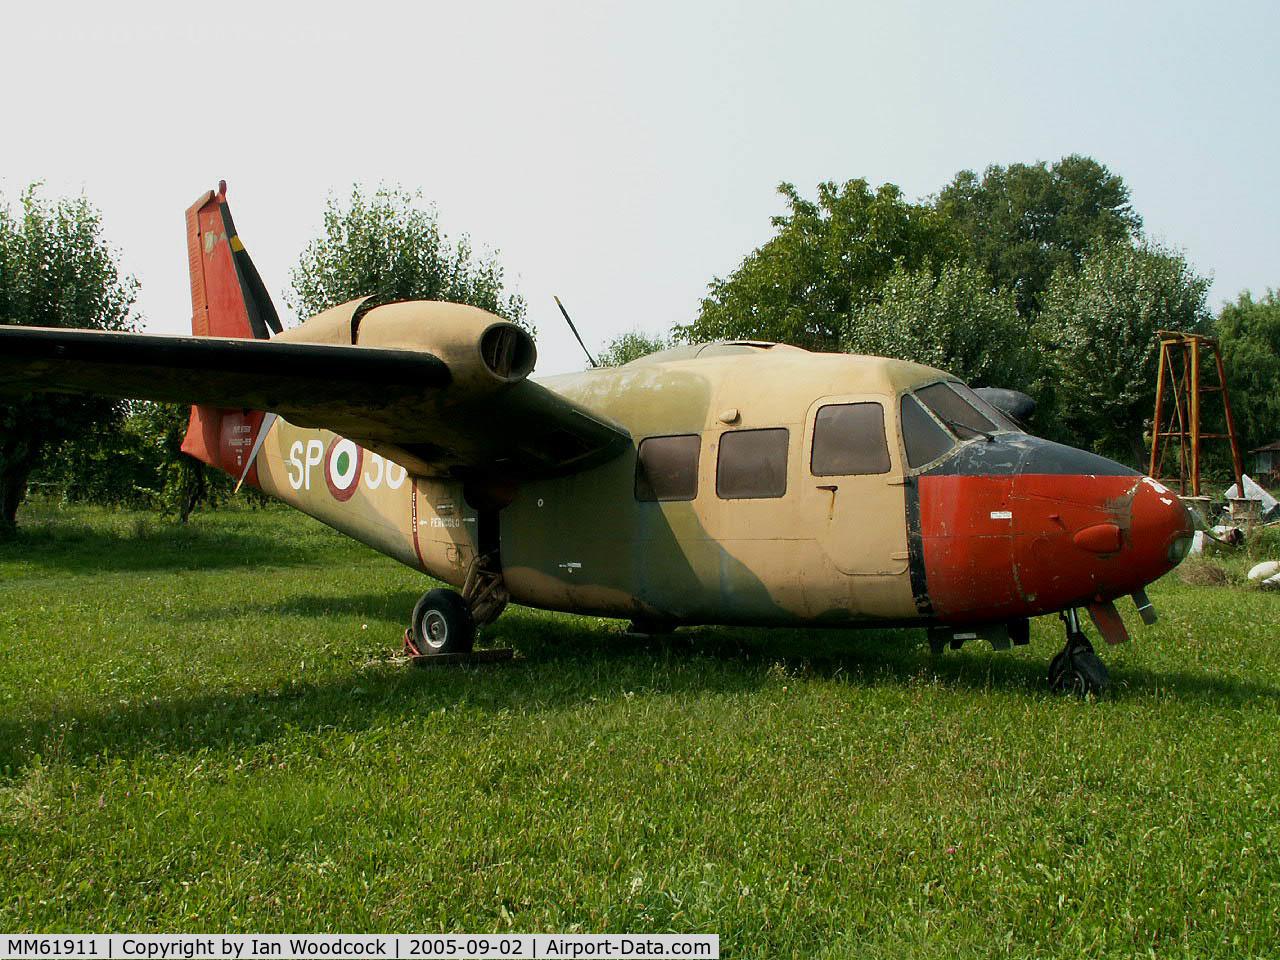 MM61911, Piaggio P-166ML-1 C/N 423/72, Piaggio P.166 ML1/Preserved/San Possidonio